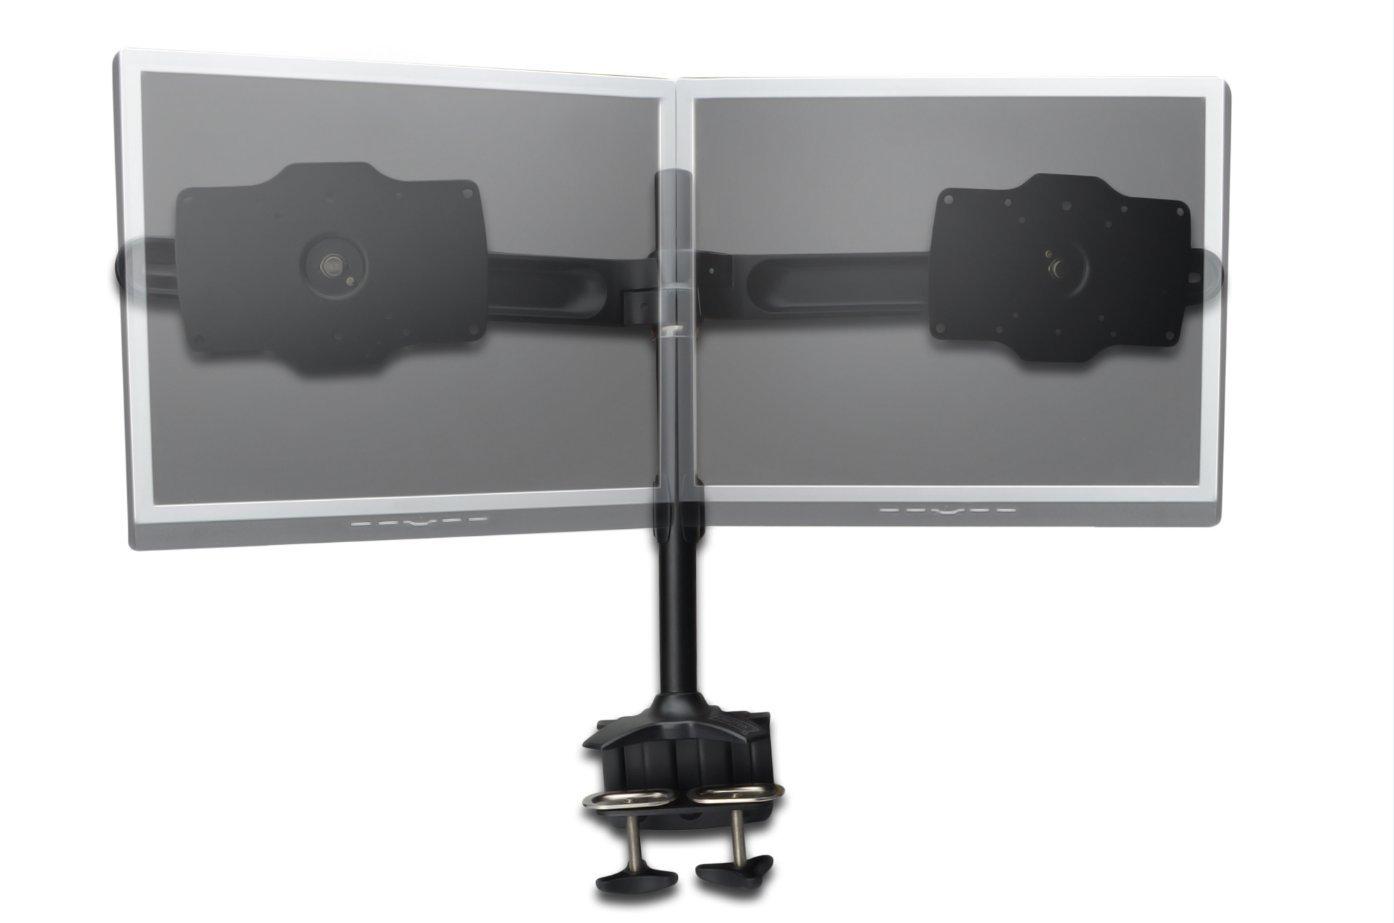 DIGITUS DIGITUS DIGITUS Dual-Monitor Halter mit Tischlemmung   Klemmbefestigung für 24